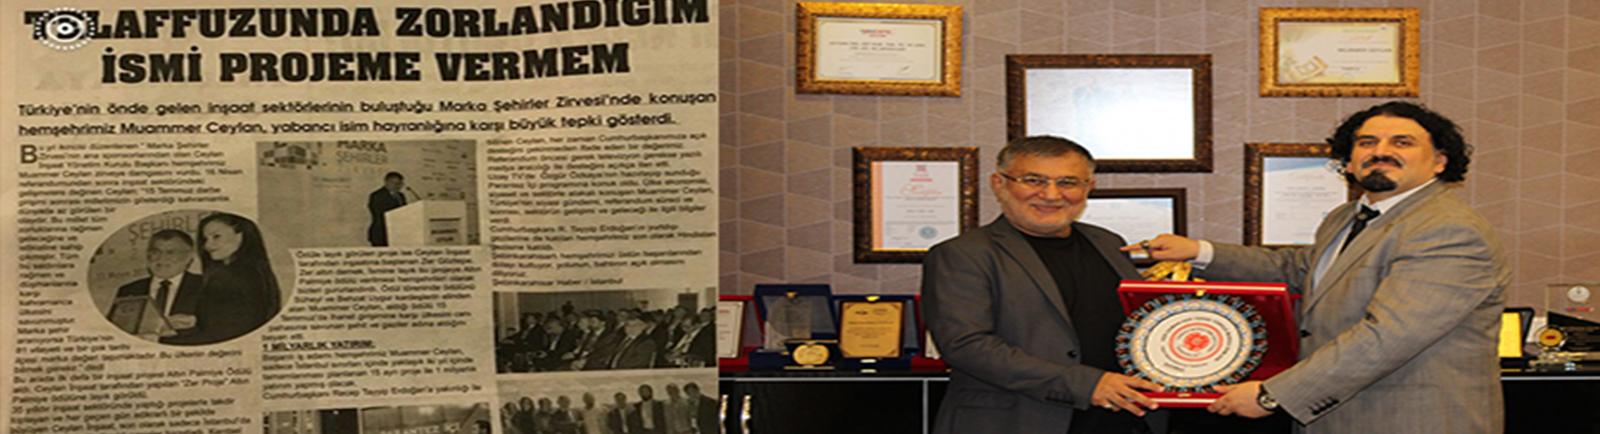 Ceylan İnşaat Yönetim Kurulu Başkanı Muammer Ceylan'dan Yabancı İsim Tepkisi